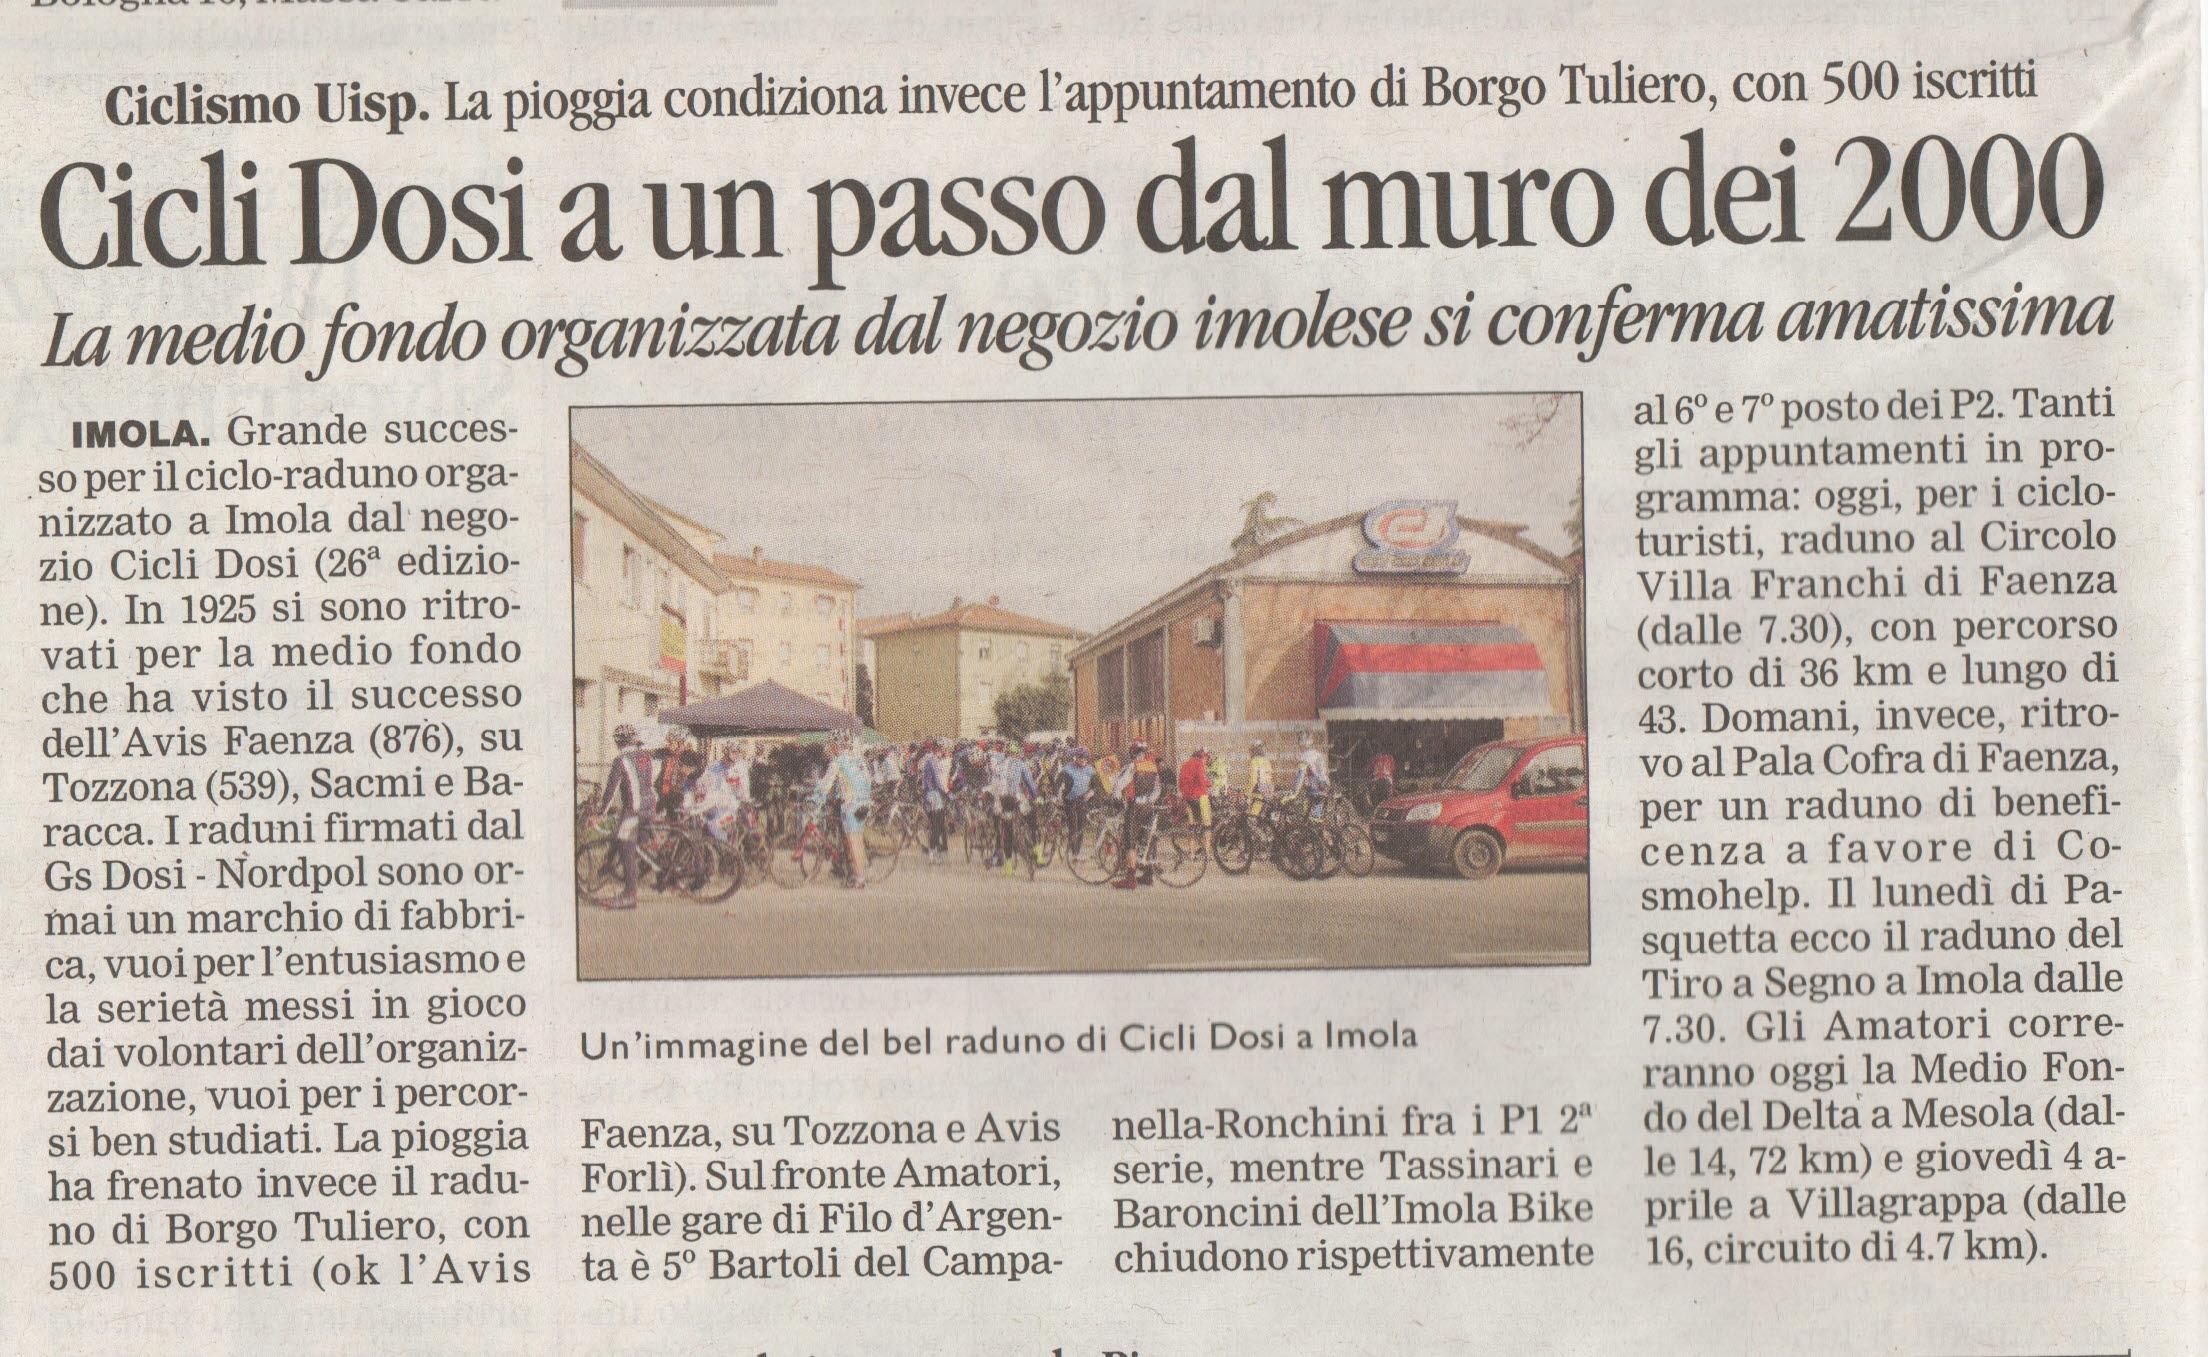 Cicli Dosi a un passo dal muro dei 2000 (Corriere Romagna 28.03.2013)